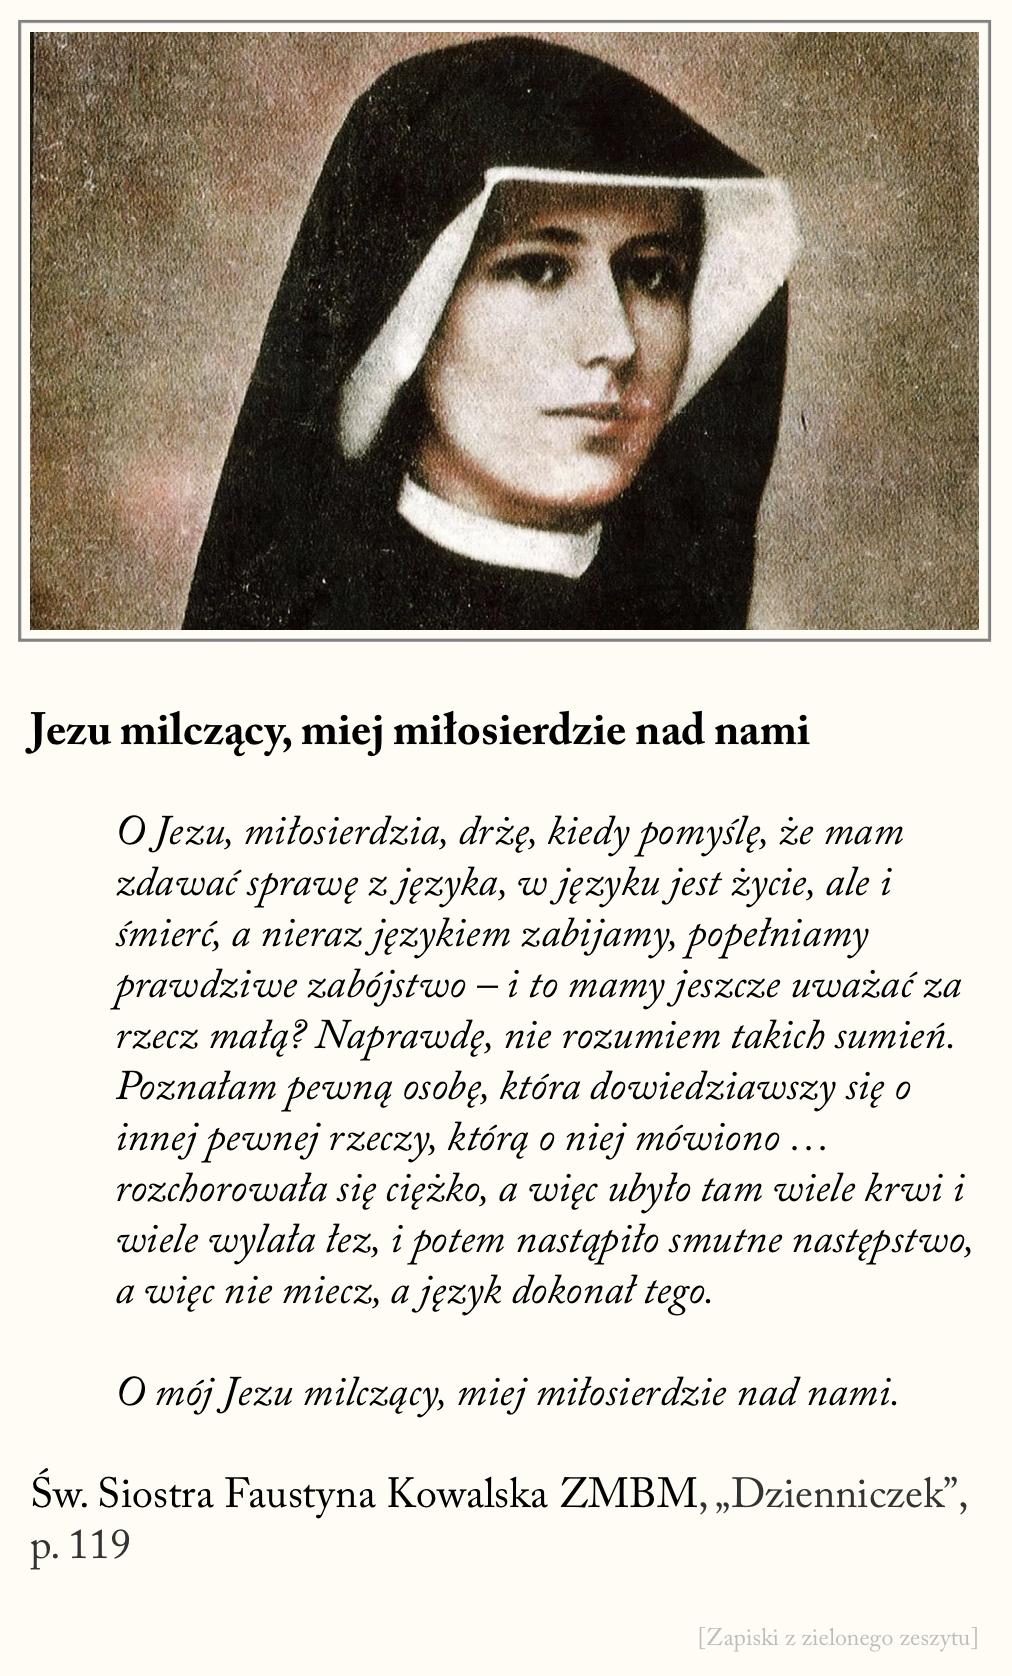 Jezu milczący miej miłosierdzie nad nami, św. Faustyna Kowalska